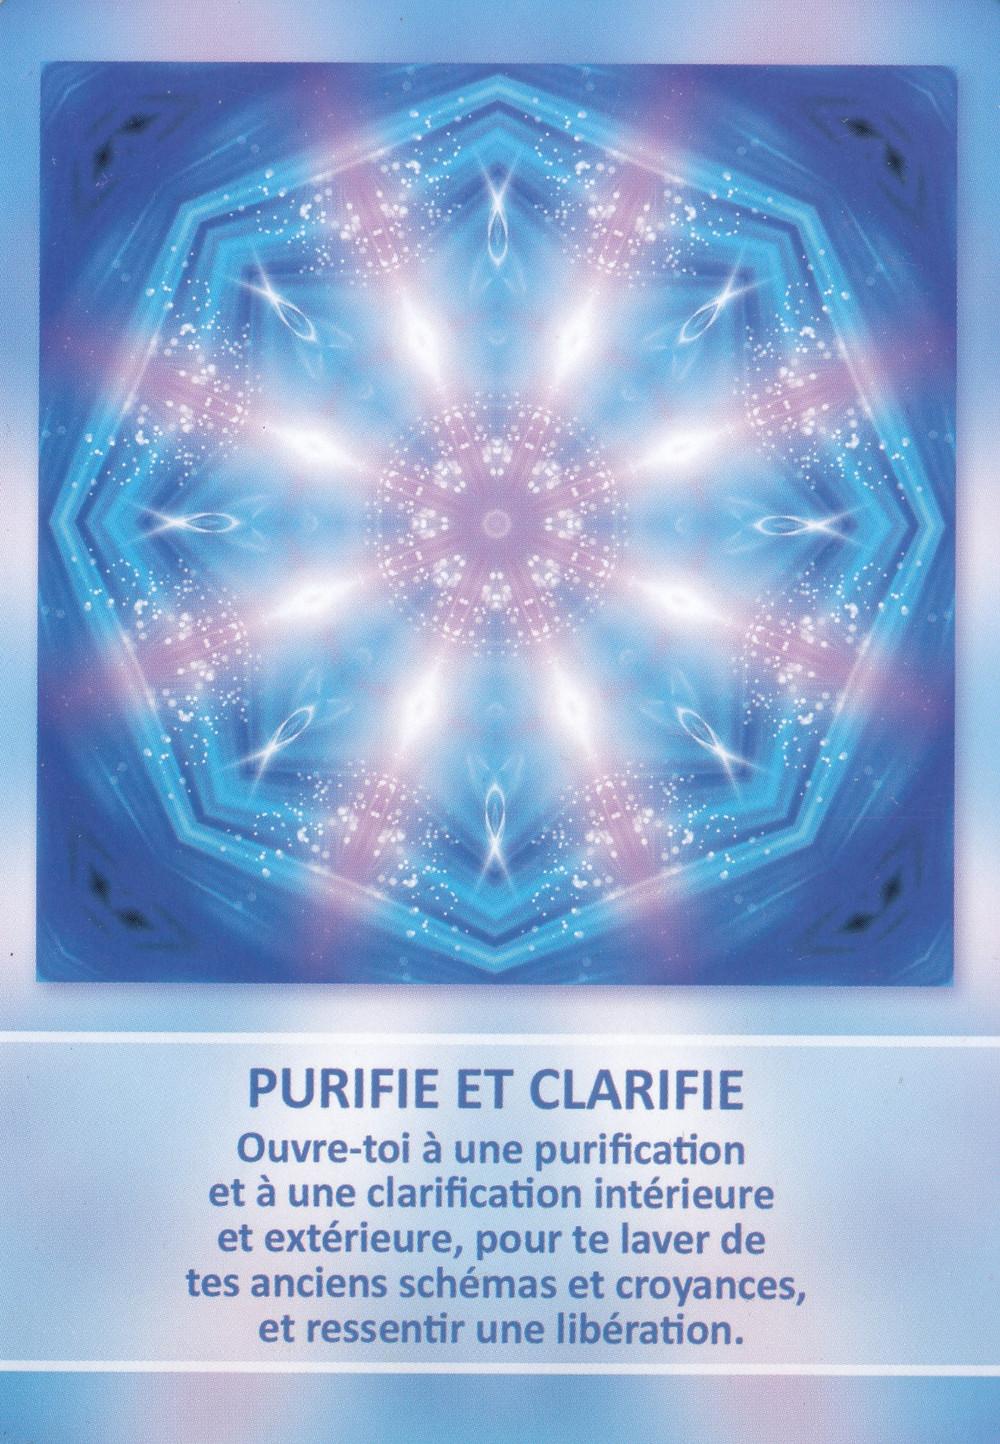 Carte tirée de l'Oracle des Mandalas d'Énergie de Gaby Shayana Hoffmann - Purifie et clarifie